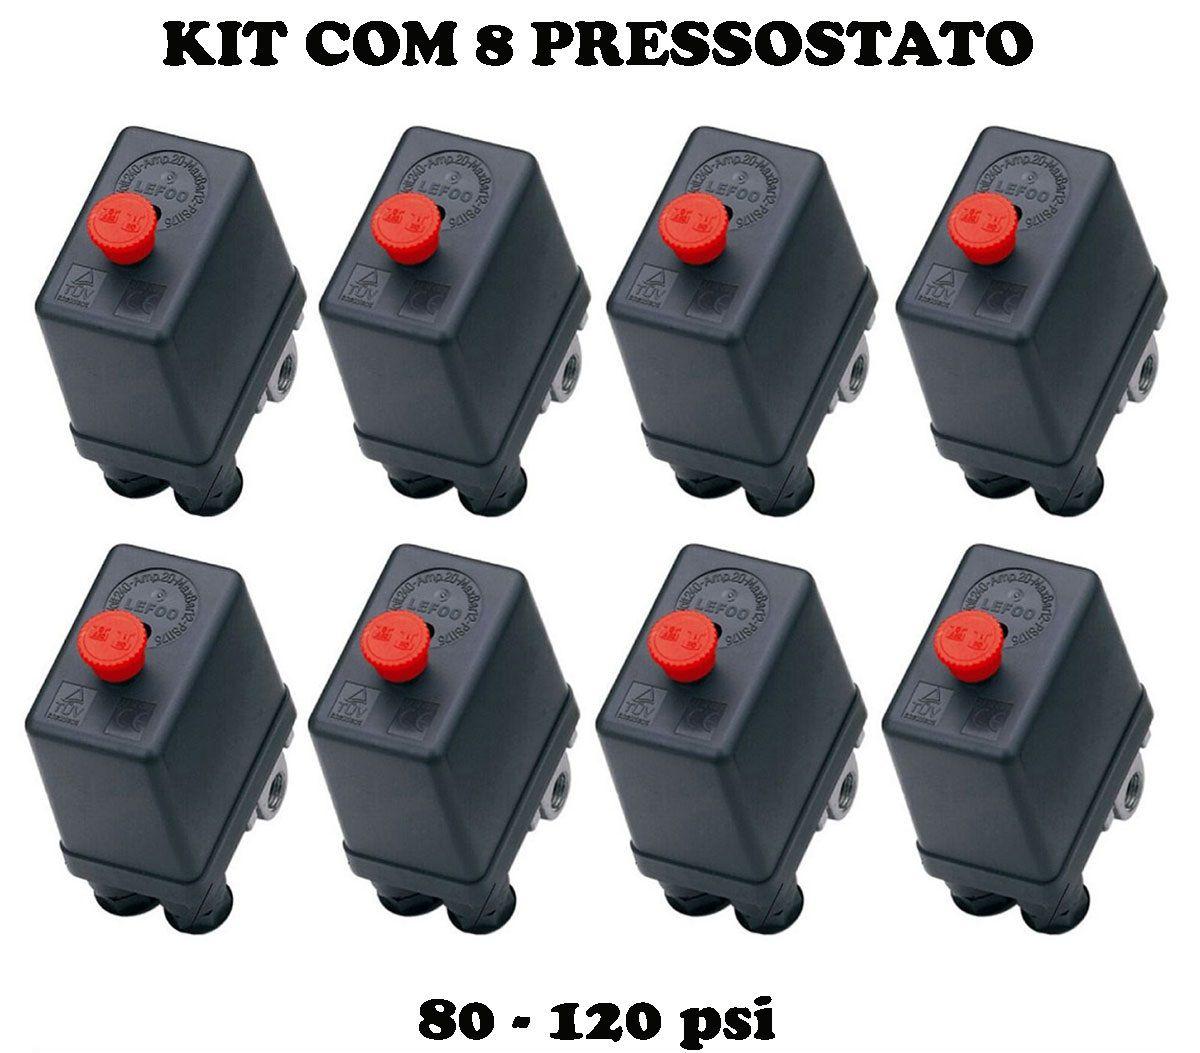 Kit 8 Pressostato Compressor Automático Botão 80-120 4 Vias